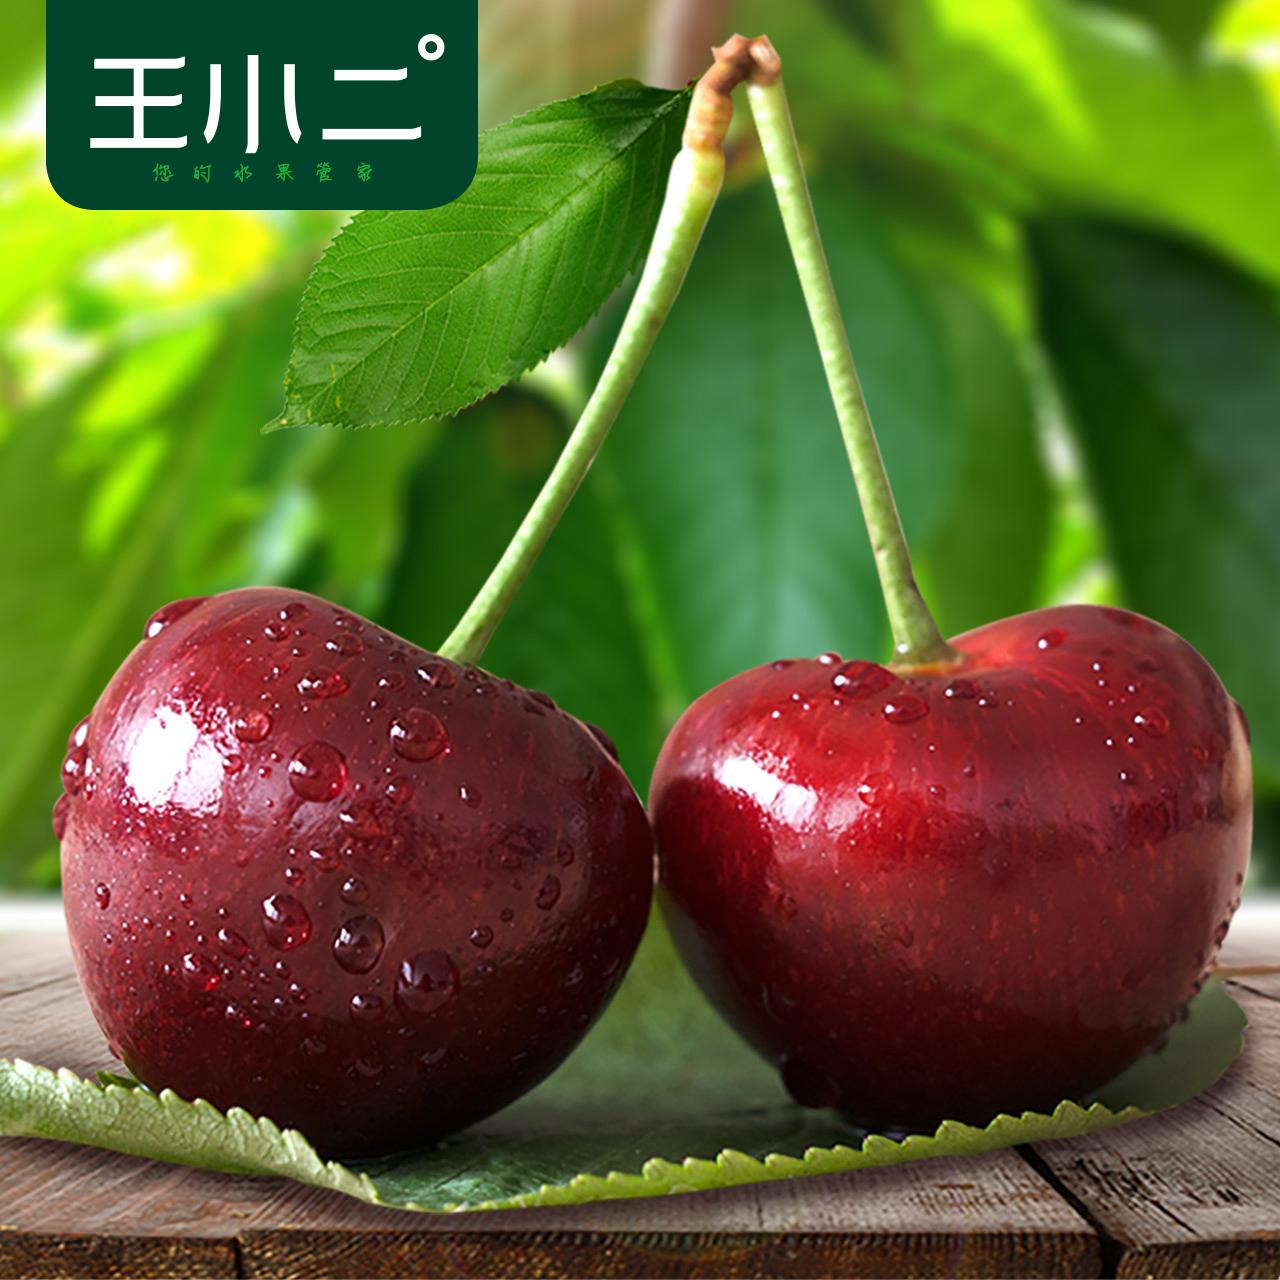 Купить Вишня / Черешня в Китае, в интернет магазине таобао на русском языке